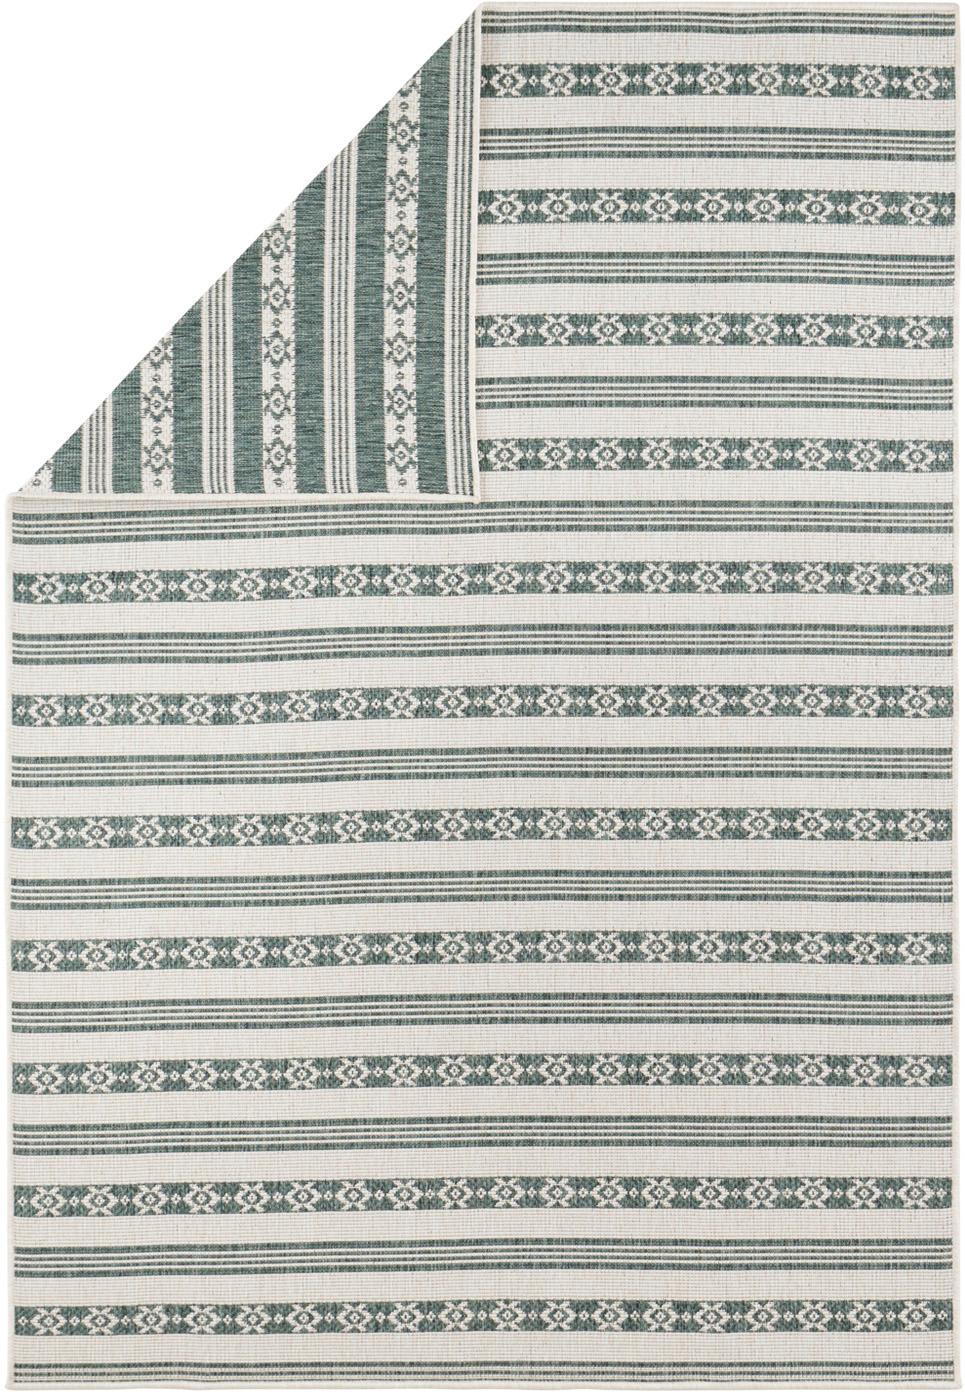 Dubbelzijdig in- & outdoor vloerkleed Fiji, Polypropyleen, Groen, crèmekleurig, B 160 x L 230 cm (maat M)